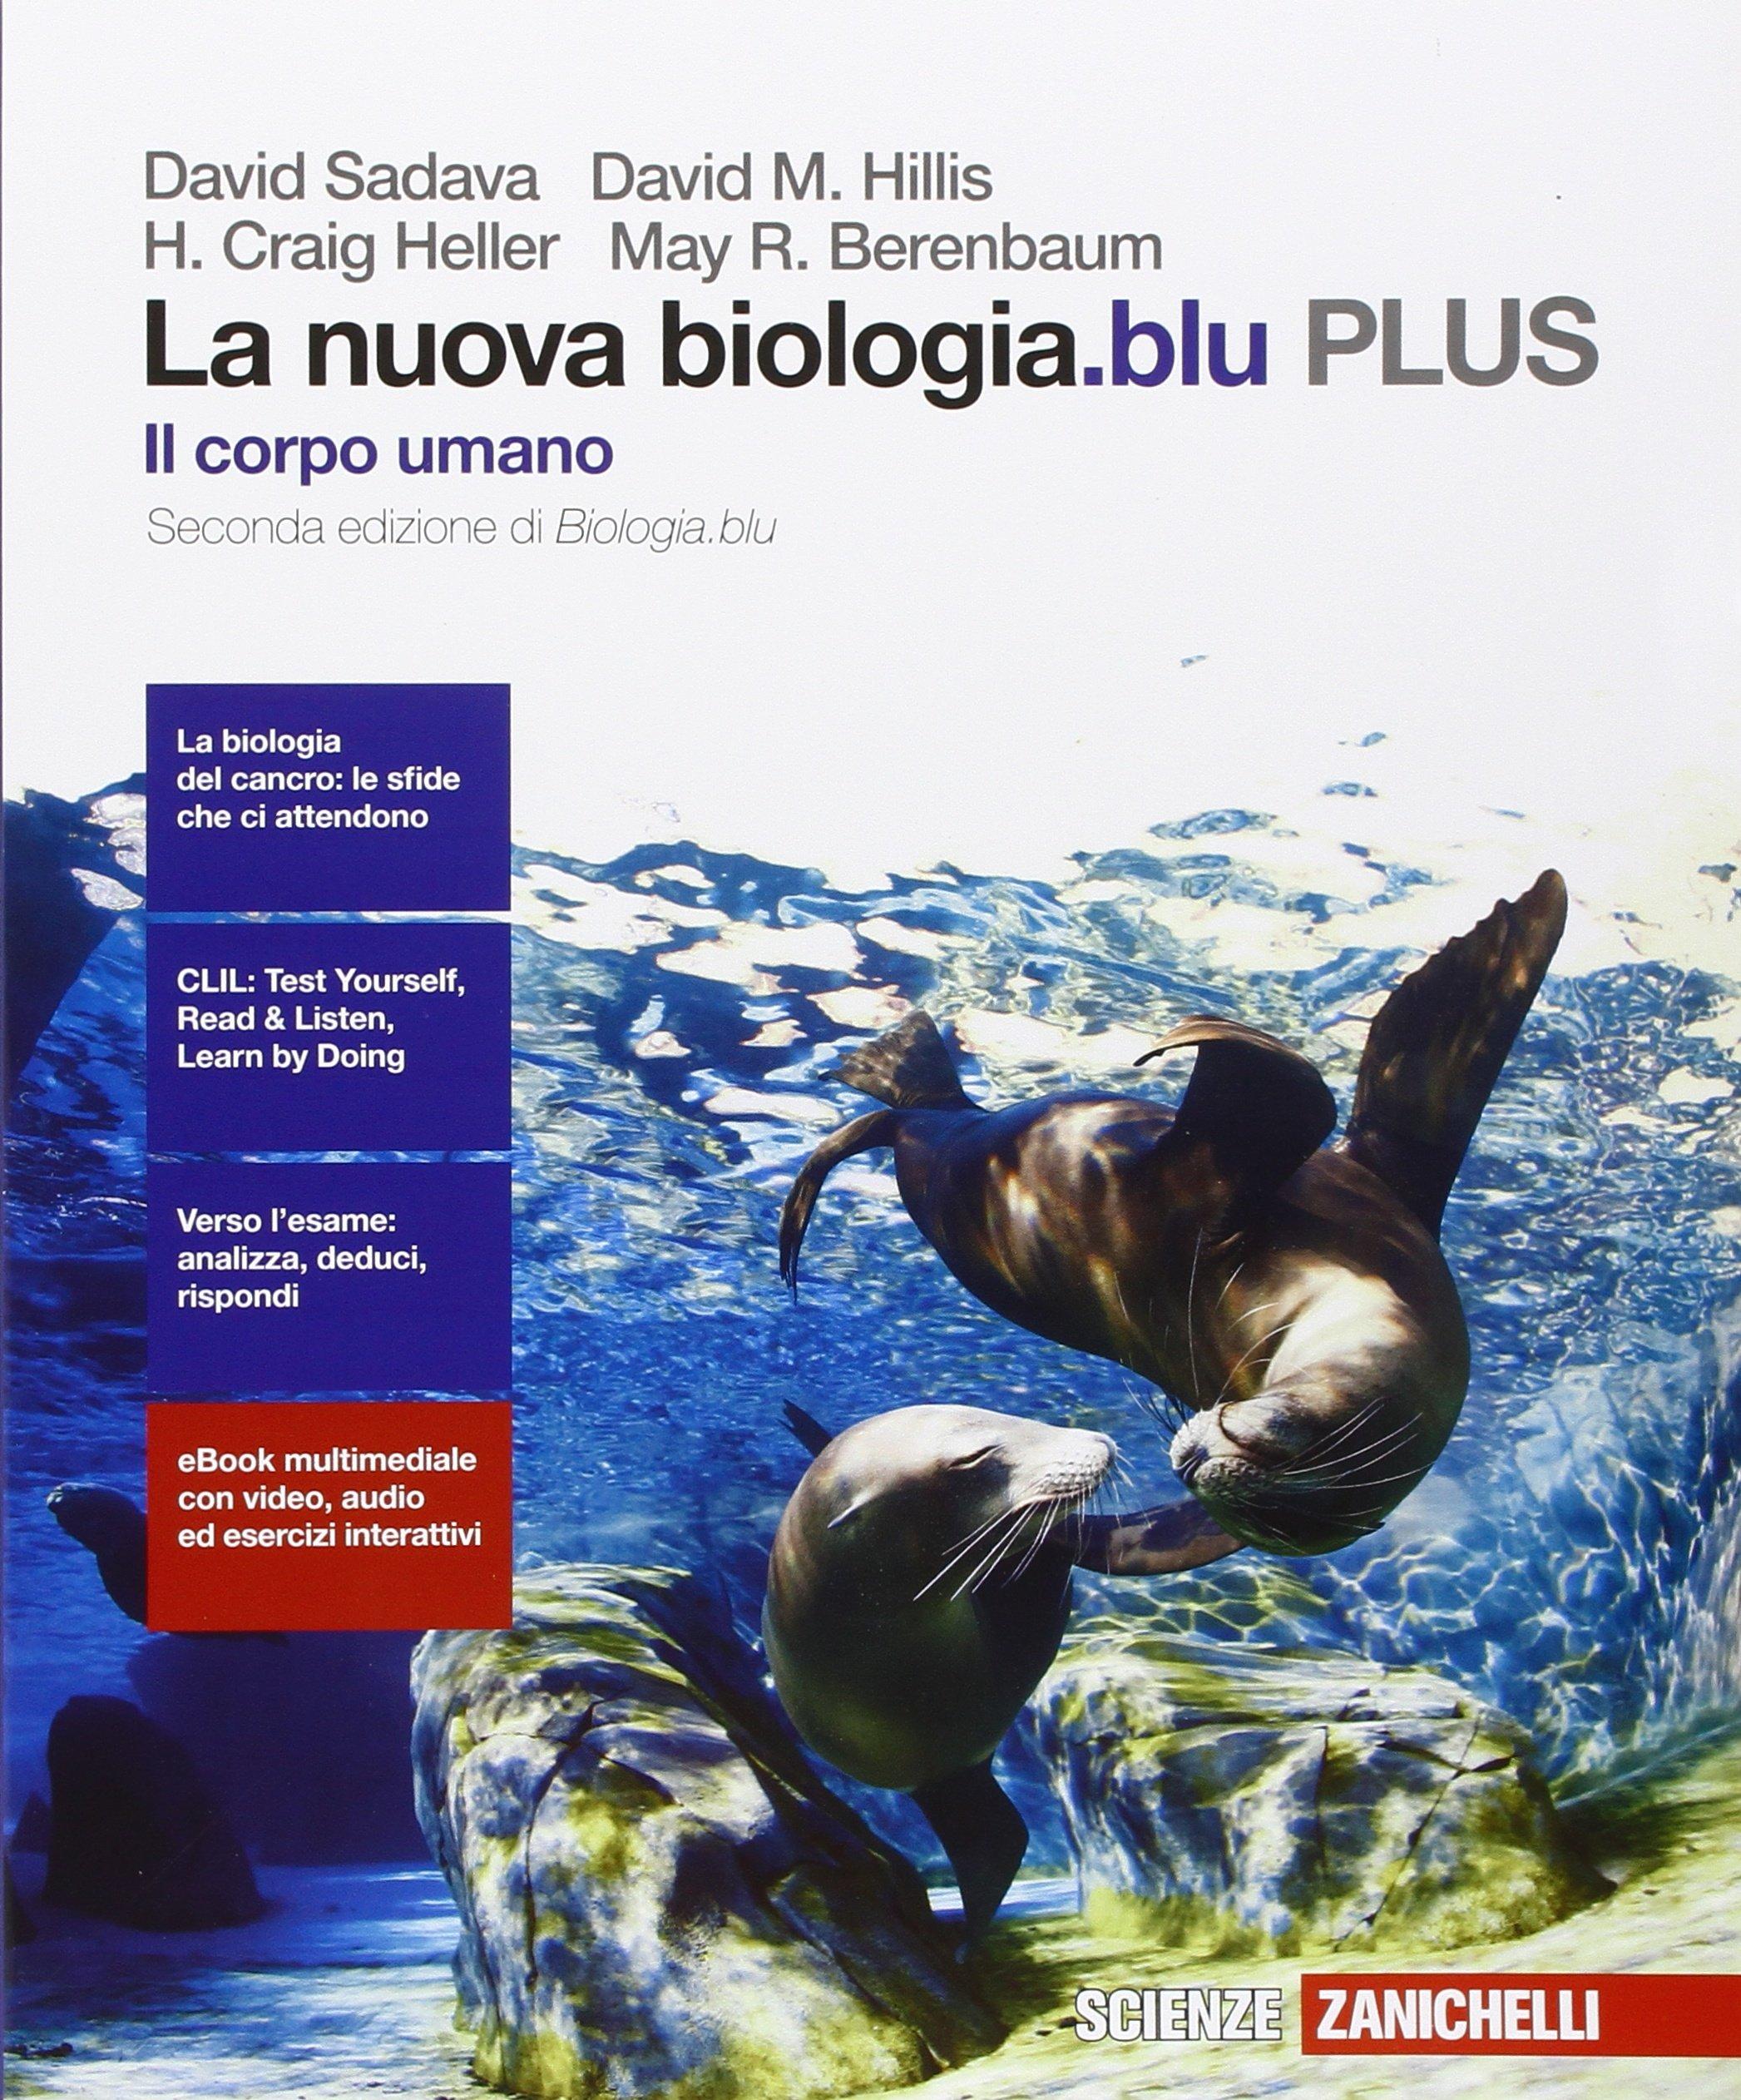 La nuova biologia.blu PLUS – Il corpo umano, libro di biologia per scuole superiori